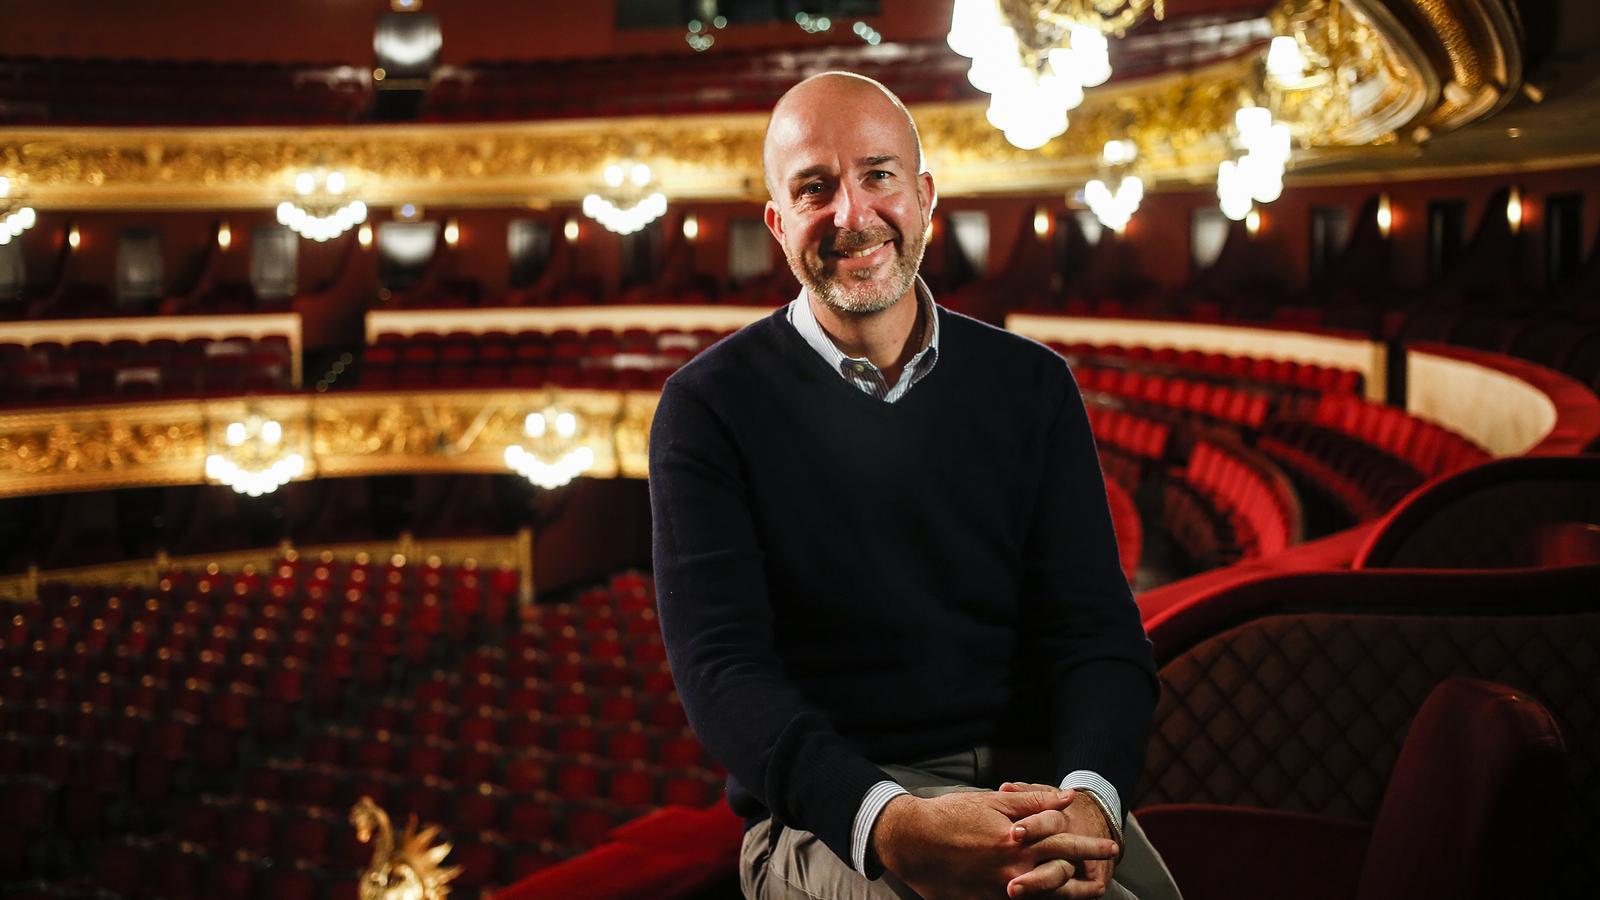 íctor Garcia de Gomar, director artístic del Gran Teatre del Liceu, fotografiat aquest matí